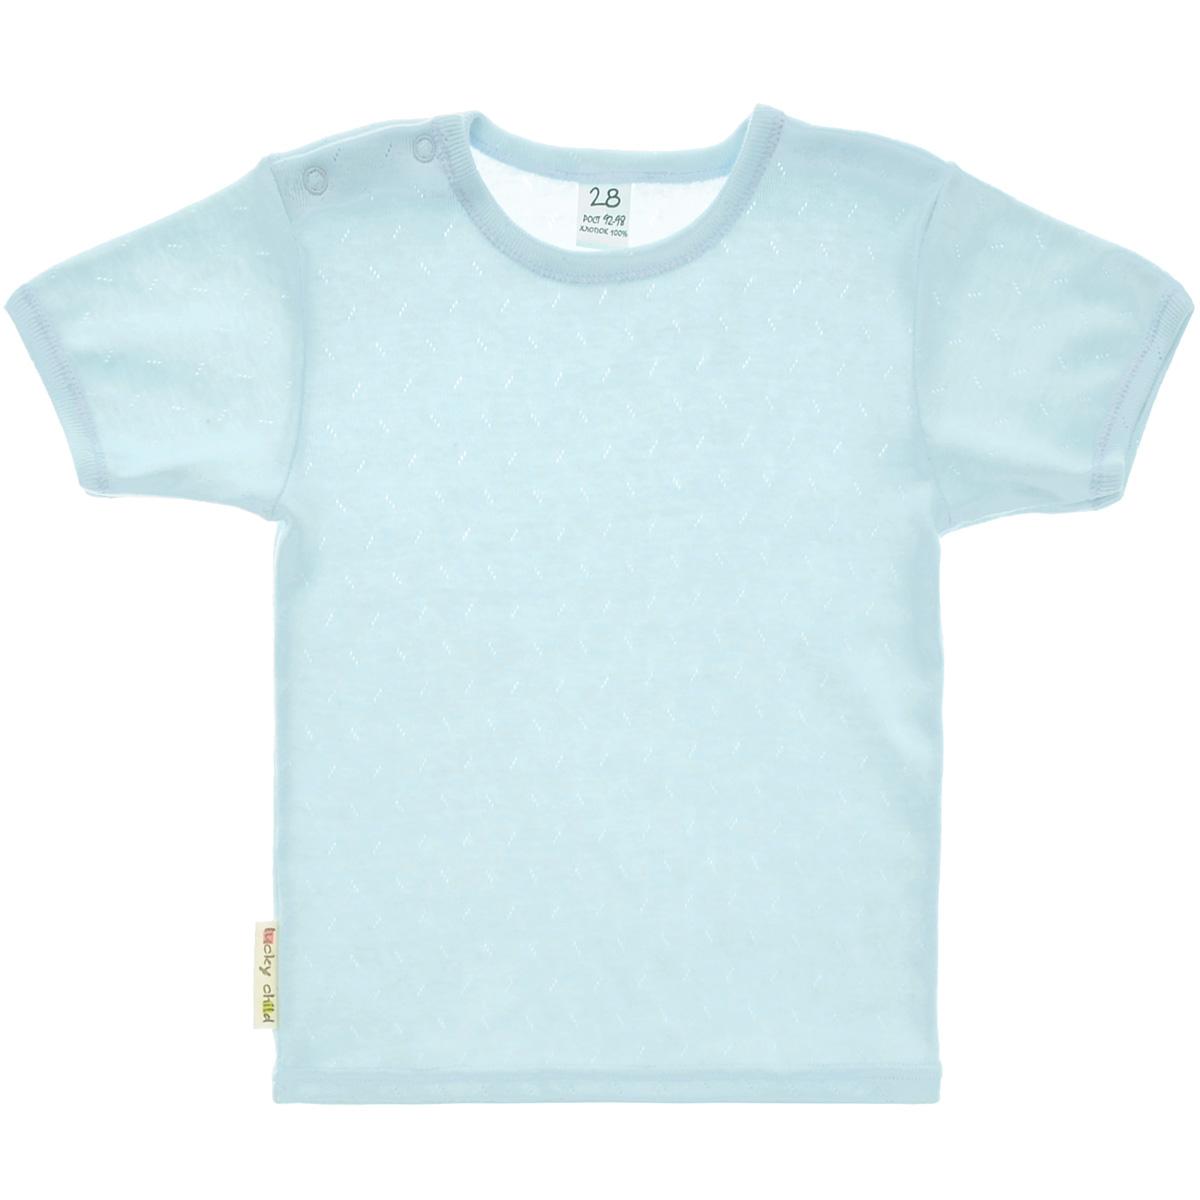 Футболка0-26Футболка для новорожденного Lucky Child послужит идеальным дополнением к гардеробу вашего малыша, обеспечивая ему наибольший комфорт. Изготовленная из натурального хлопка, она необычайно мягкая и легкая, не раздражает нежную кожу ребенка и хорошо вентилируется, а эластичные швы приятны телу малыша и не препятствуют его движениям. Футболка с короткими рукавами, выполненная из ткани с ажурным узором, имеет кнопки по плечу, которые позволяют без труда переодеть младенца. Футболка полностью соответствует особенностям жизни ребенка в ранний период, не стесняя и не ограничивая его в движениях.